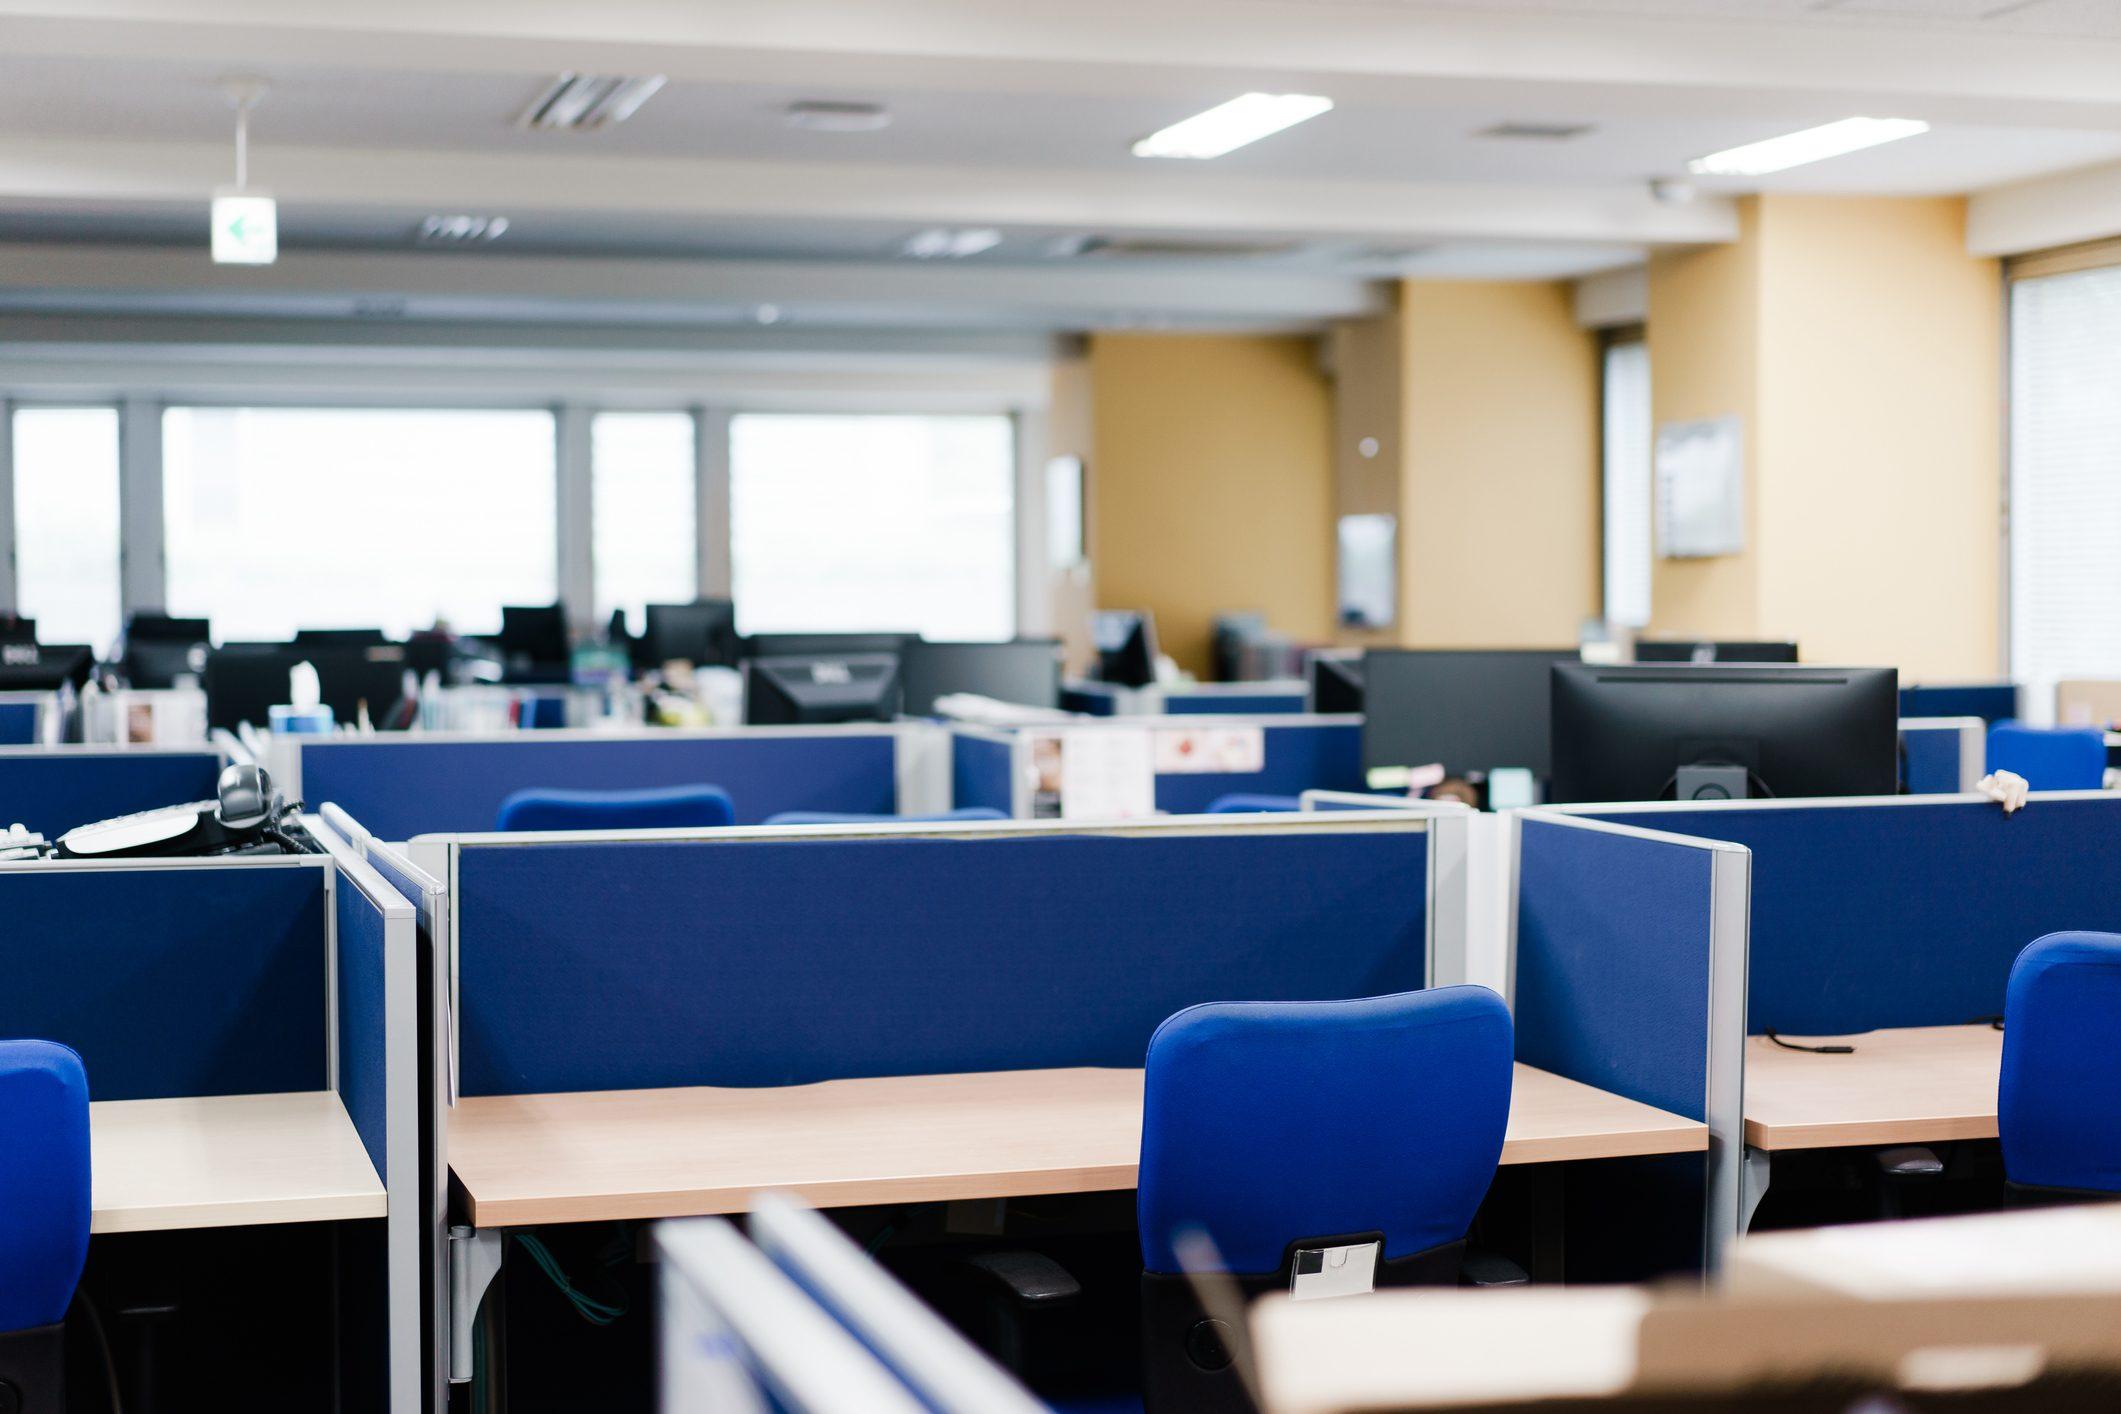 Empty desk in an unattended office